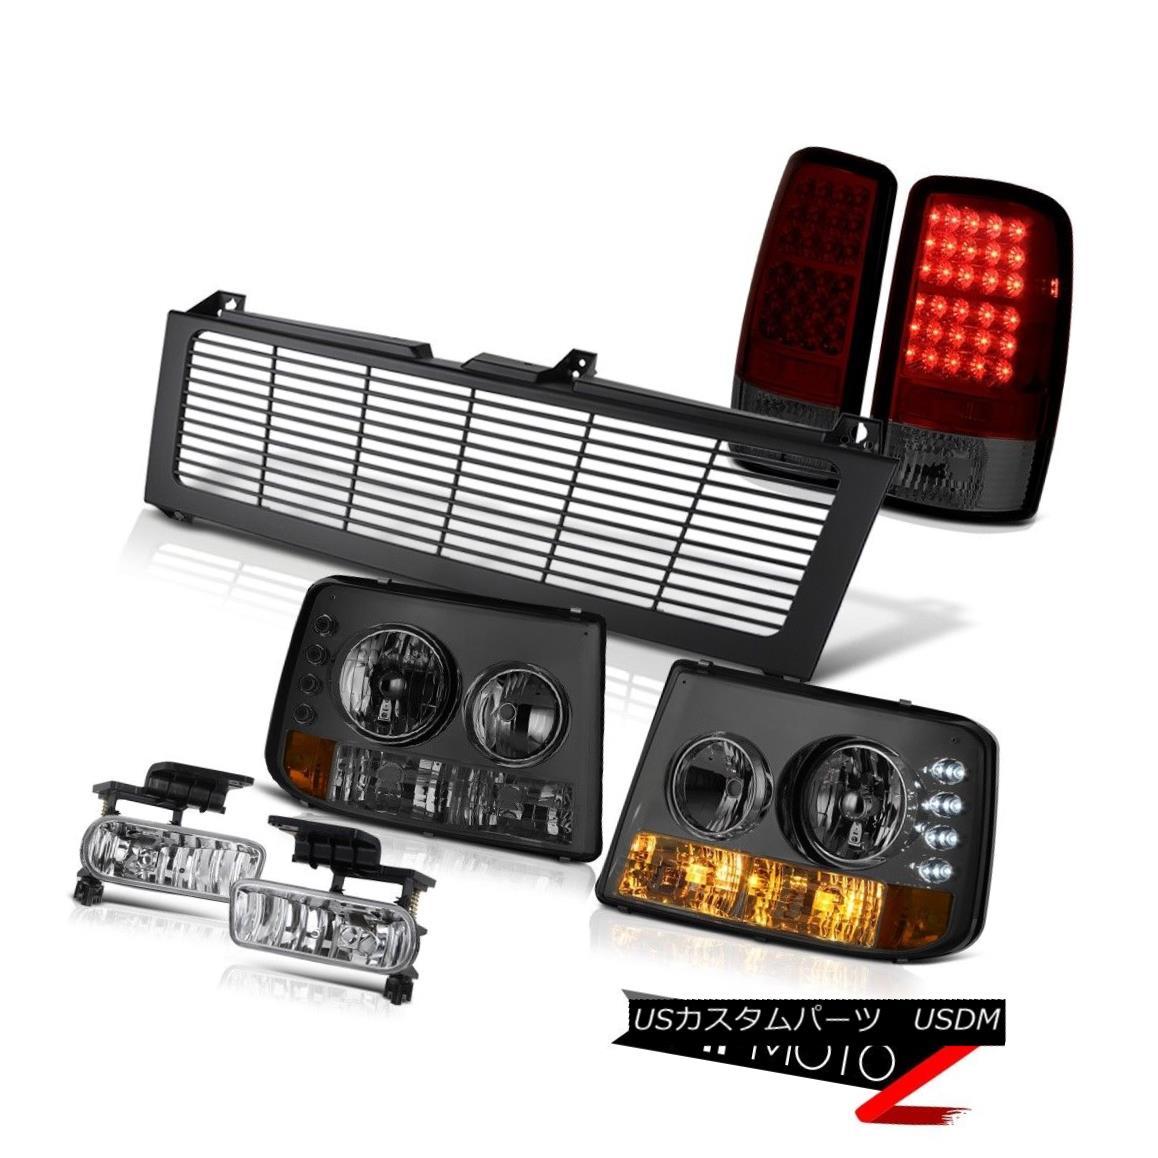 テールライト 00 01 02 03 04 05 06 Suburban Tinted Headlamp Dark Red LED Tail Light Fog Grille 00 01 02 03 04 05 06郊外着色ヘッドランプダークレッドLEDテールライトフォググリル